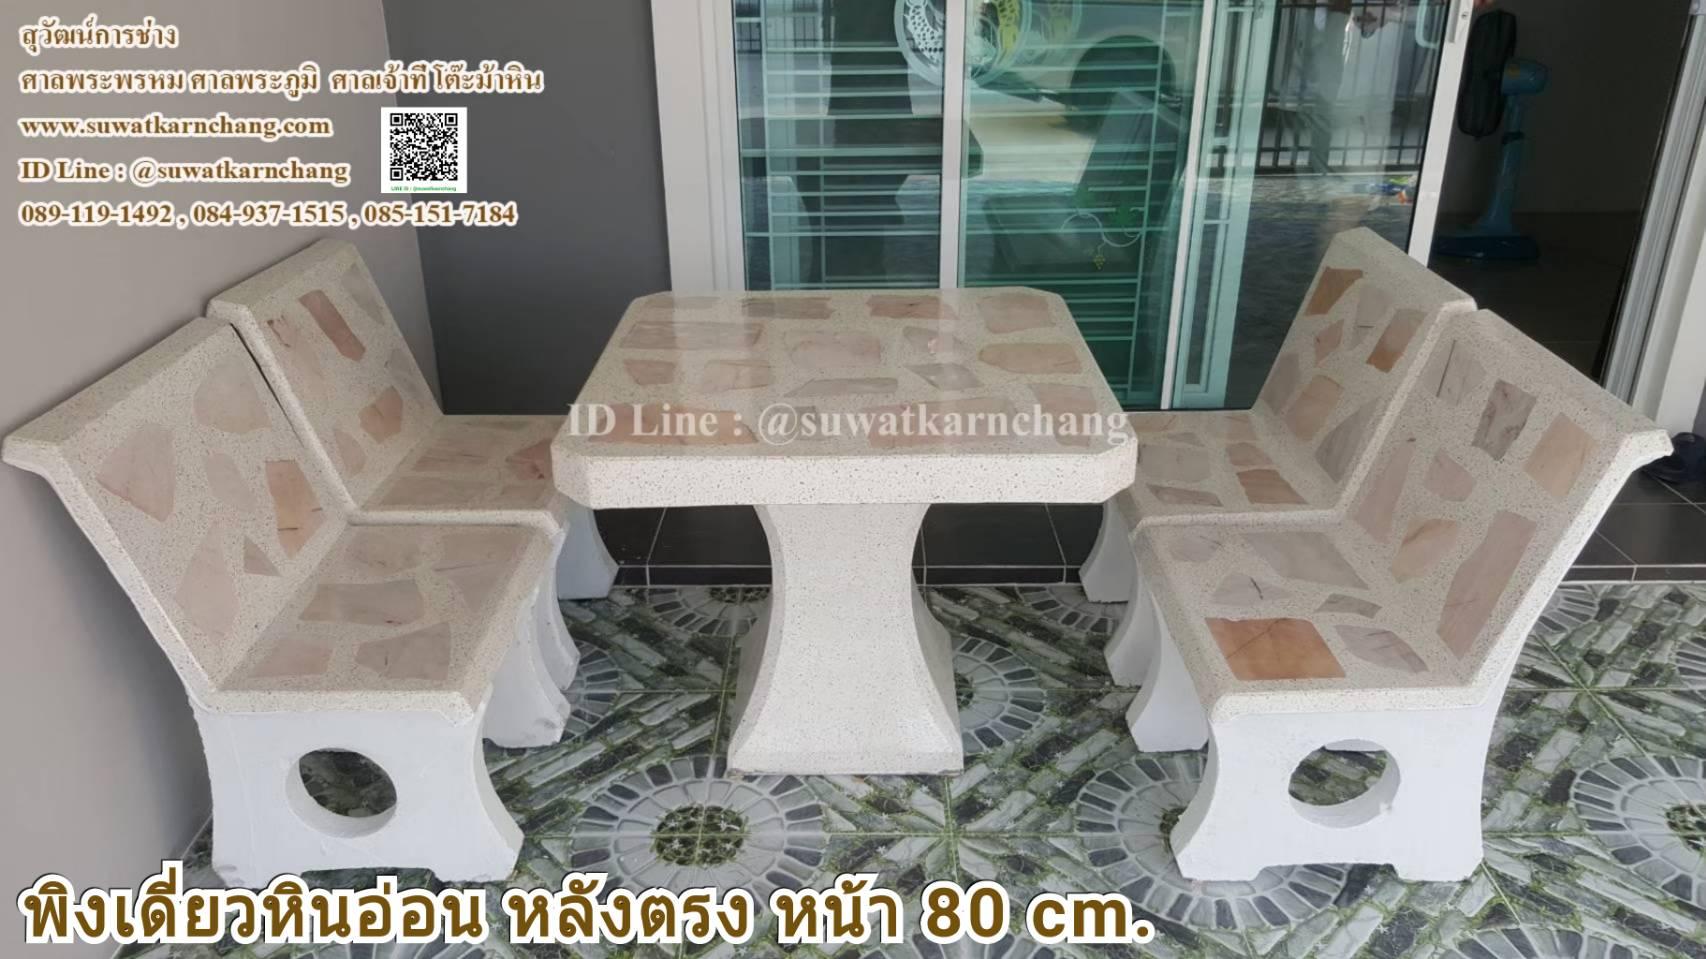 ิโต๊ะพิงเดี่ยวหลังตรง หินอ่อน หน้า 80 ซม.